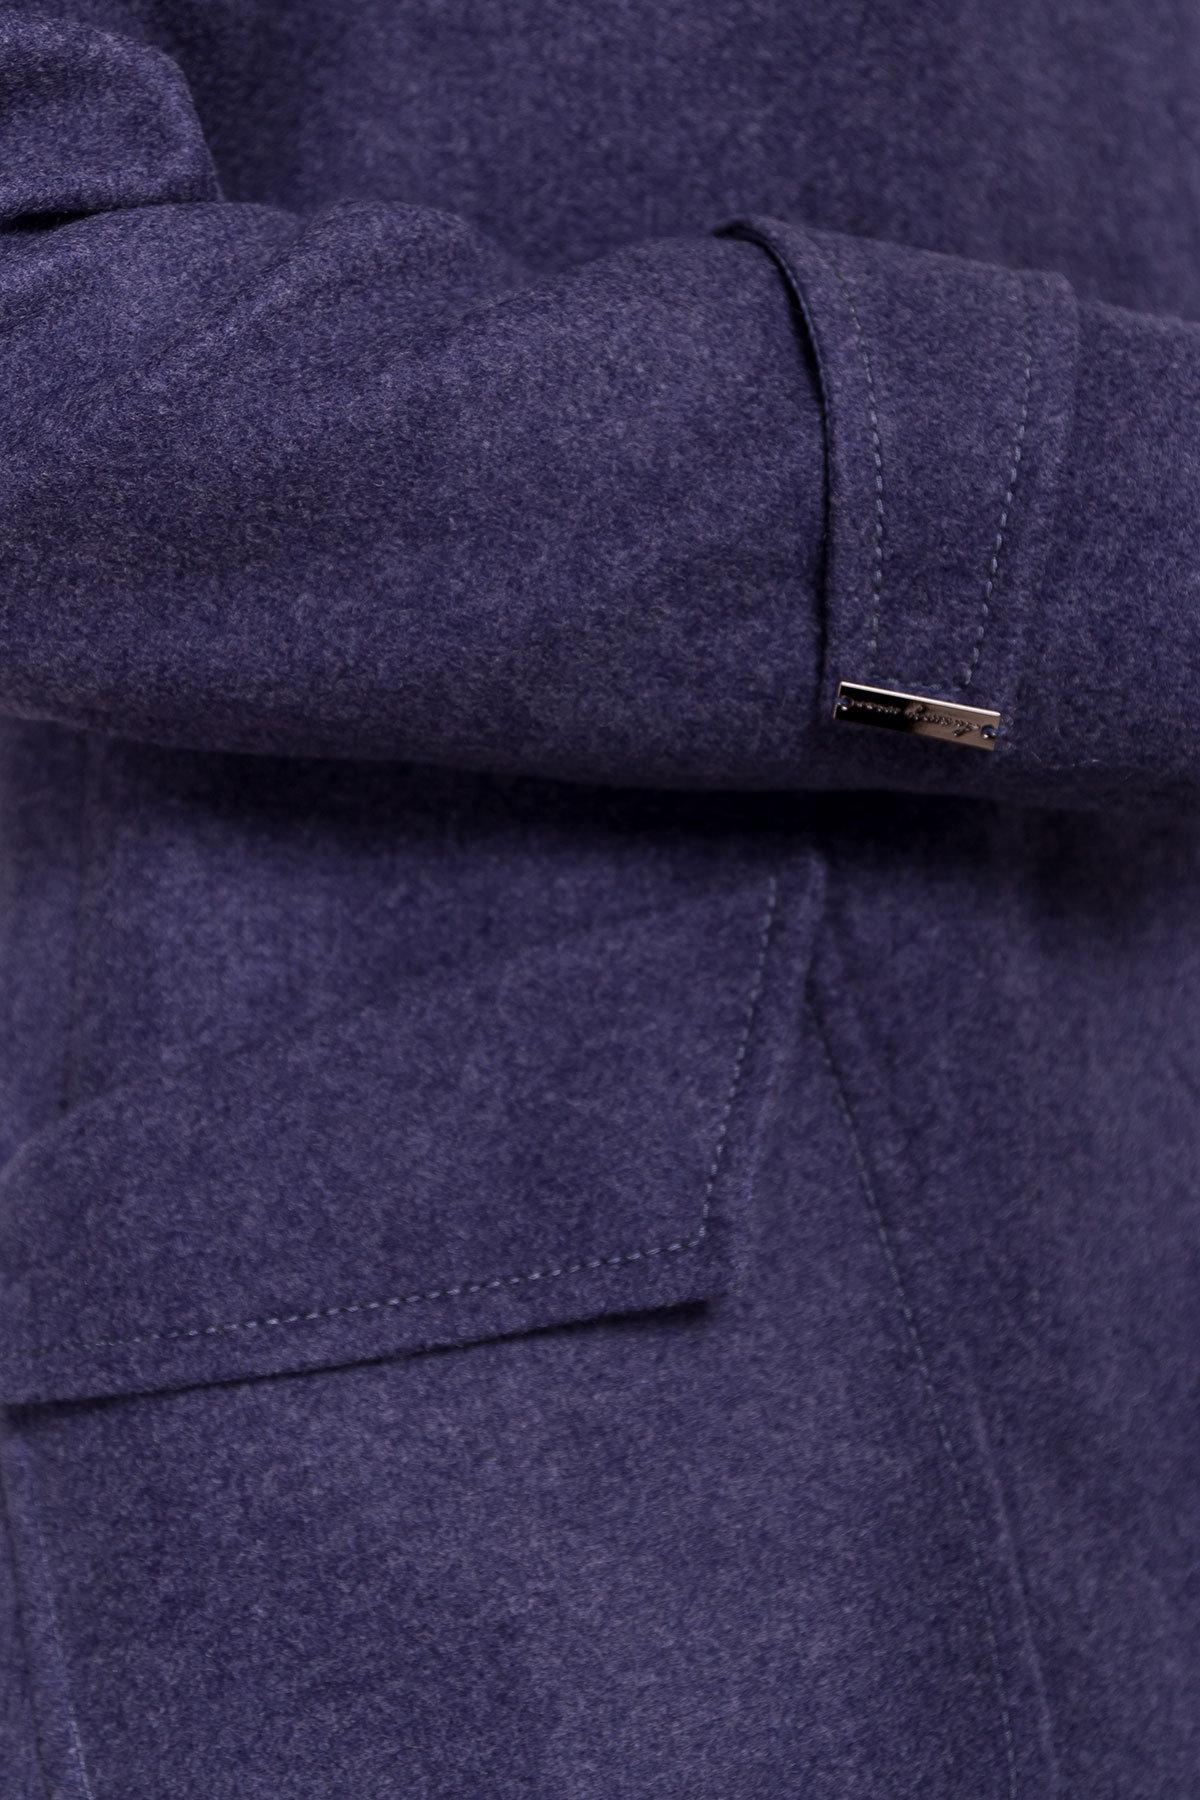 Демисезонное пальто с воротником стойка Эста 5417 АРТ. 36788 Цвет: Джинс - фото 5, интернет магазин tm-modus.ru